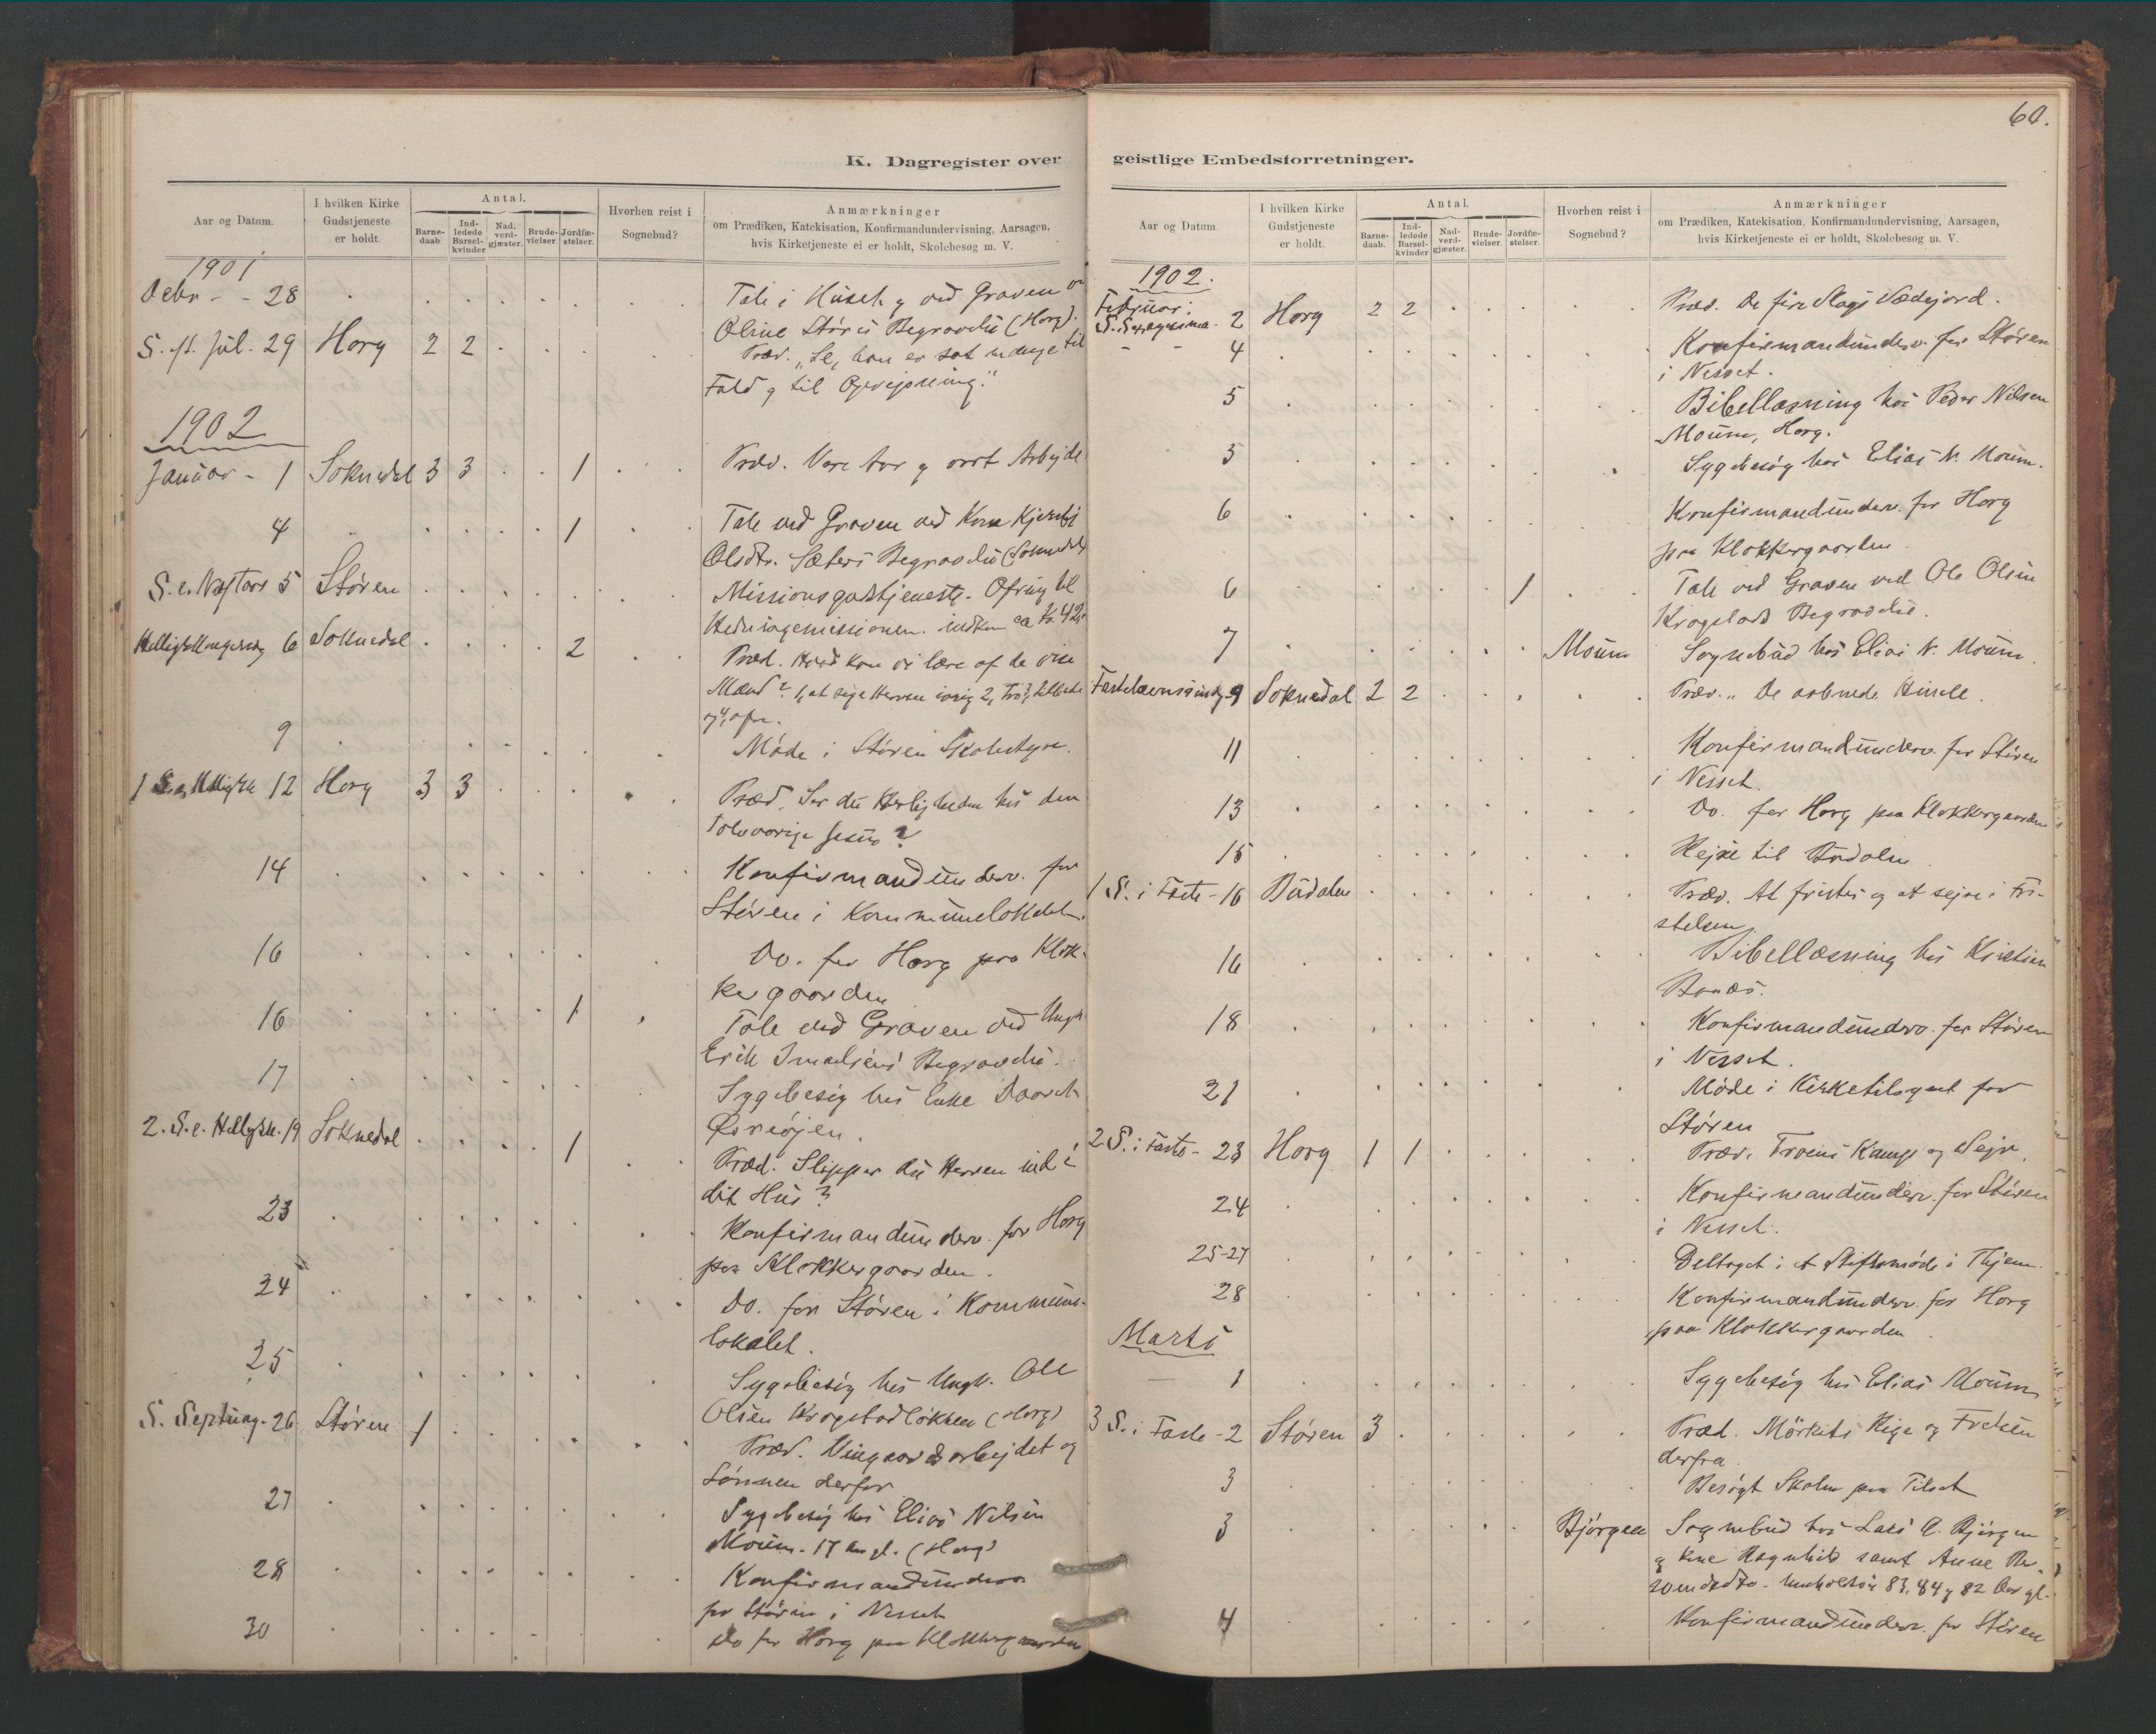 SAT, Ministerialprotokoller, klokkerbøker og fødselsregistre - Sør-Trøndelag, 687/L1012: Dagregister nr. 687B01, 1887-1914, s. 60